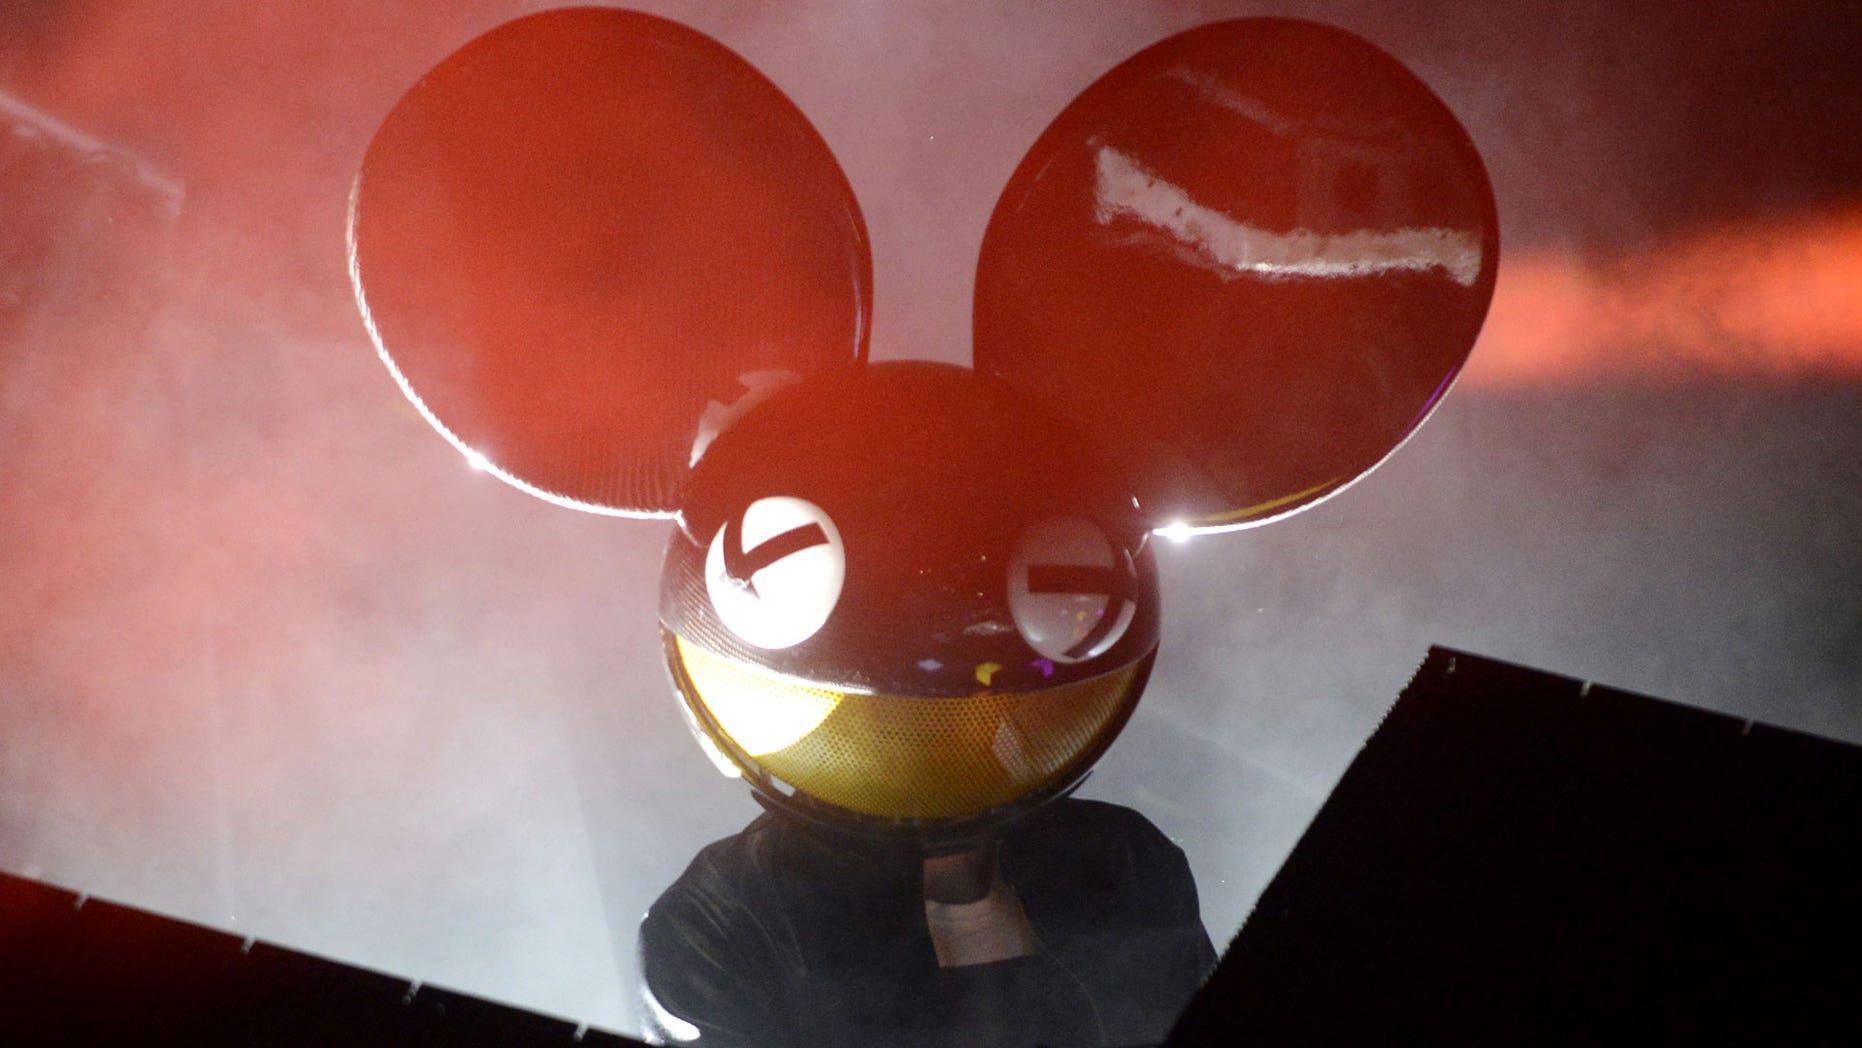 Deadmau5-disney-ears-lawsuit